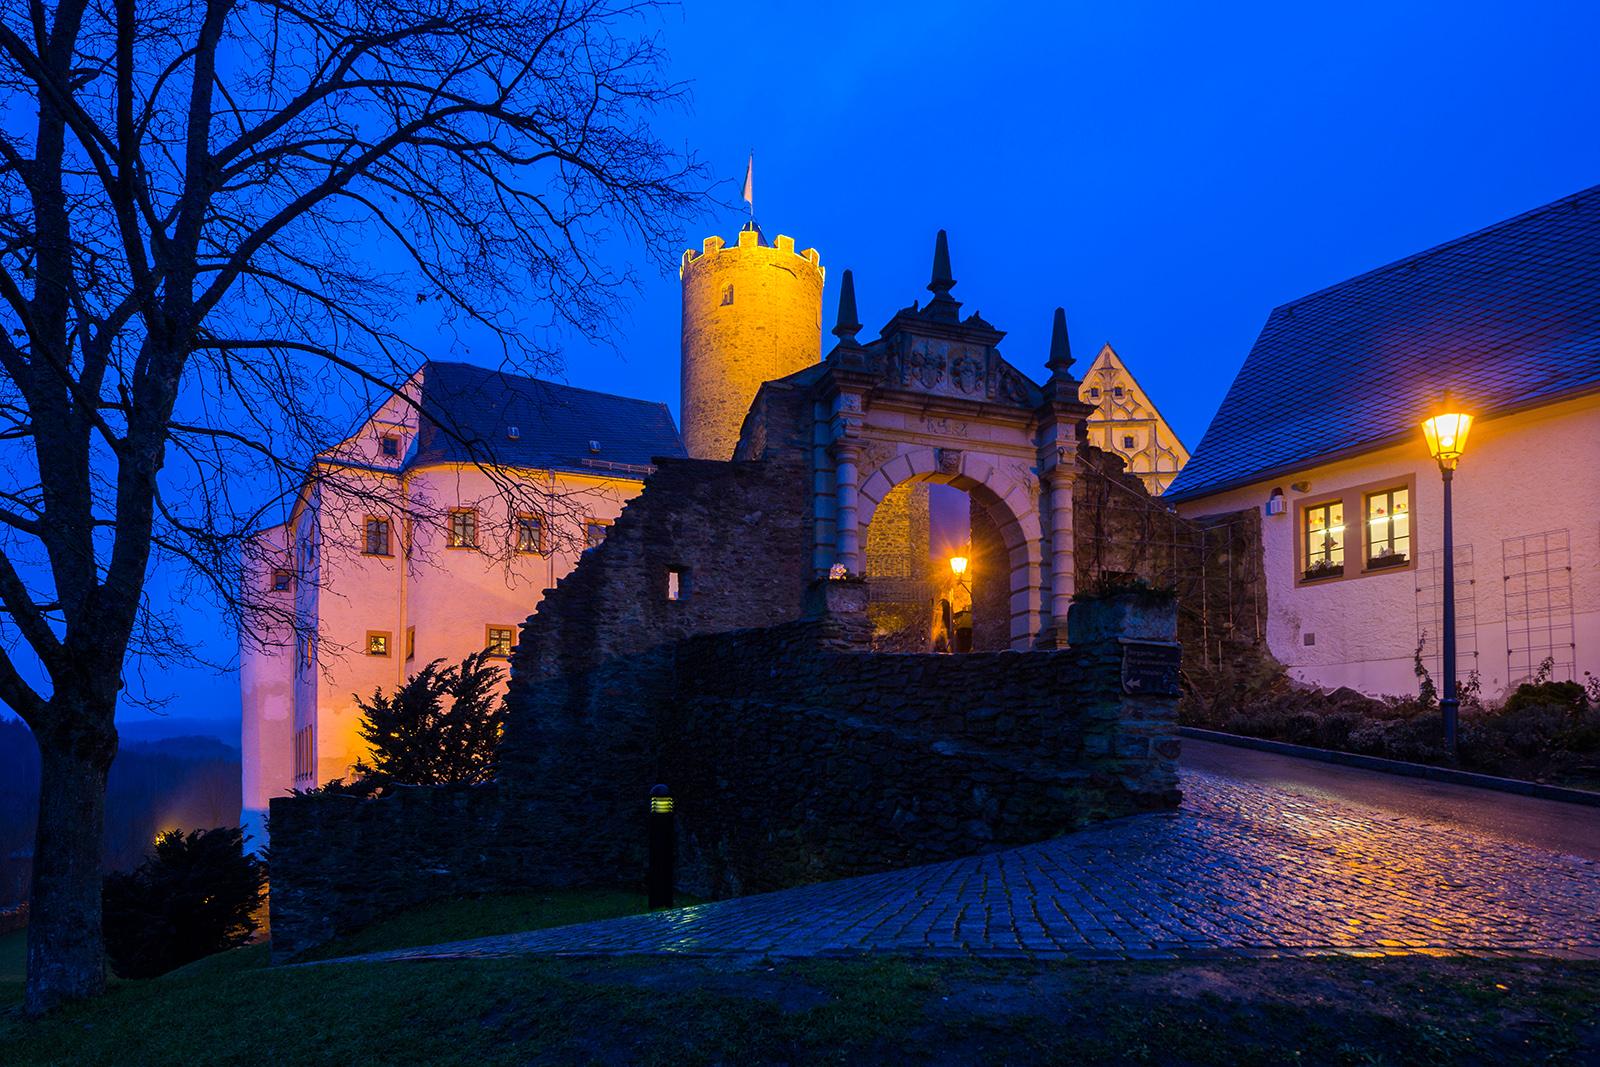 (c) A./S.L. Schlossbetriebe gGmbH